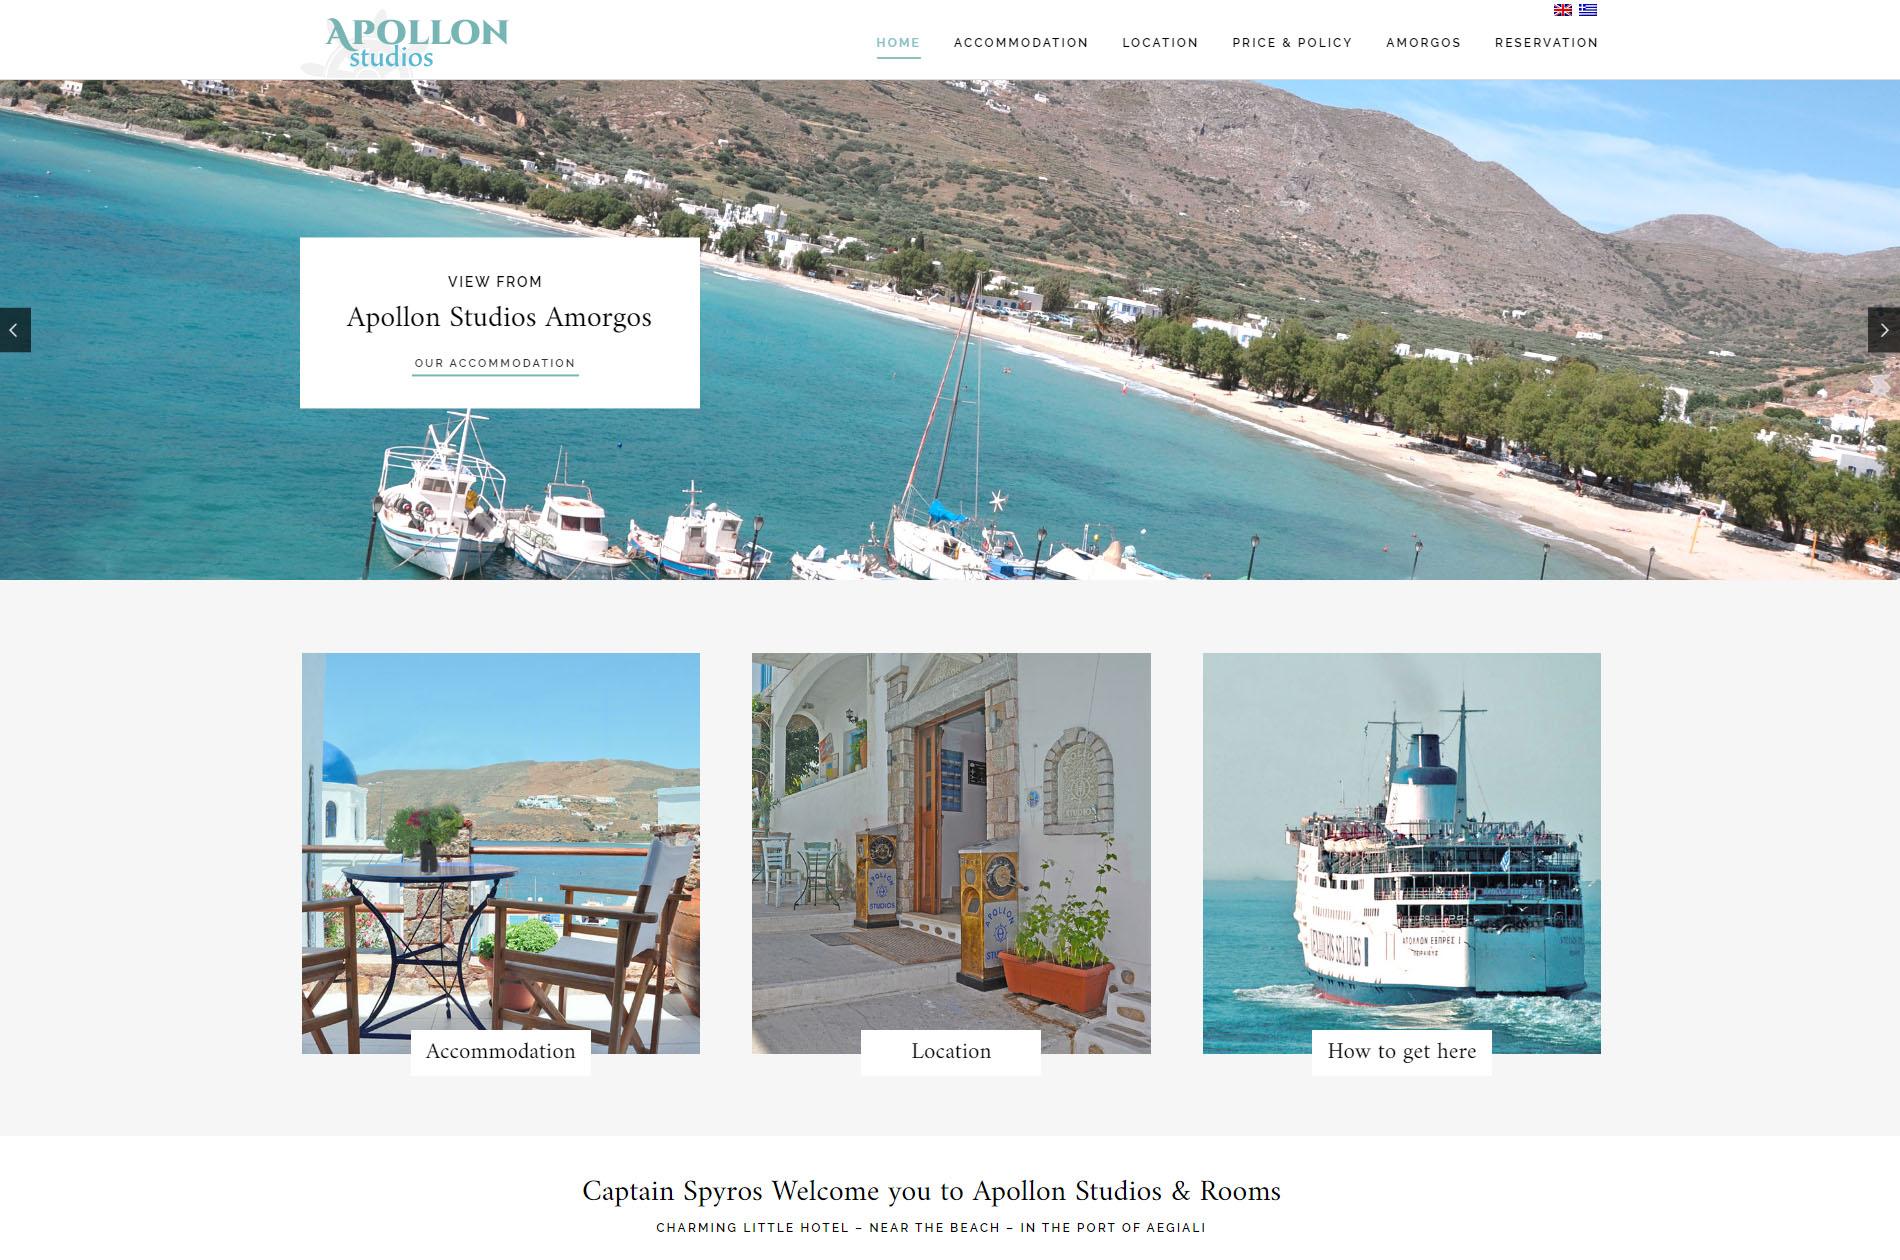 Apollon Studios Amorgos Web Design